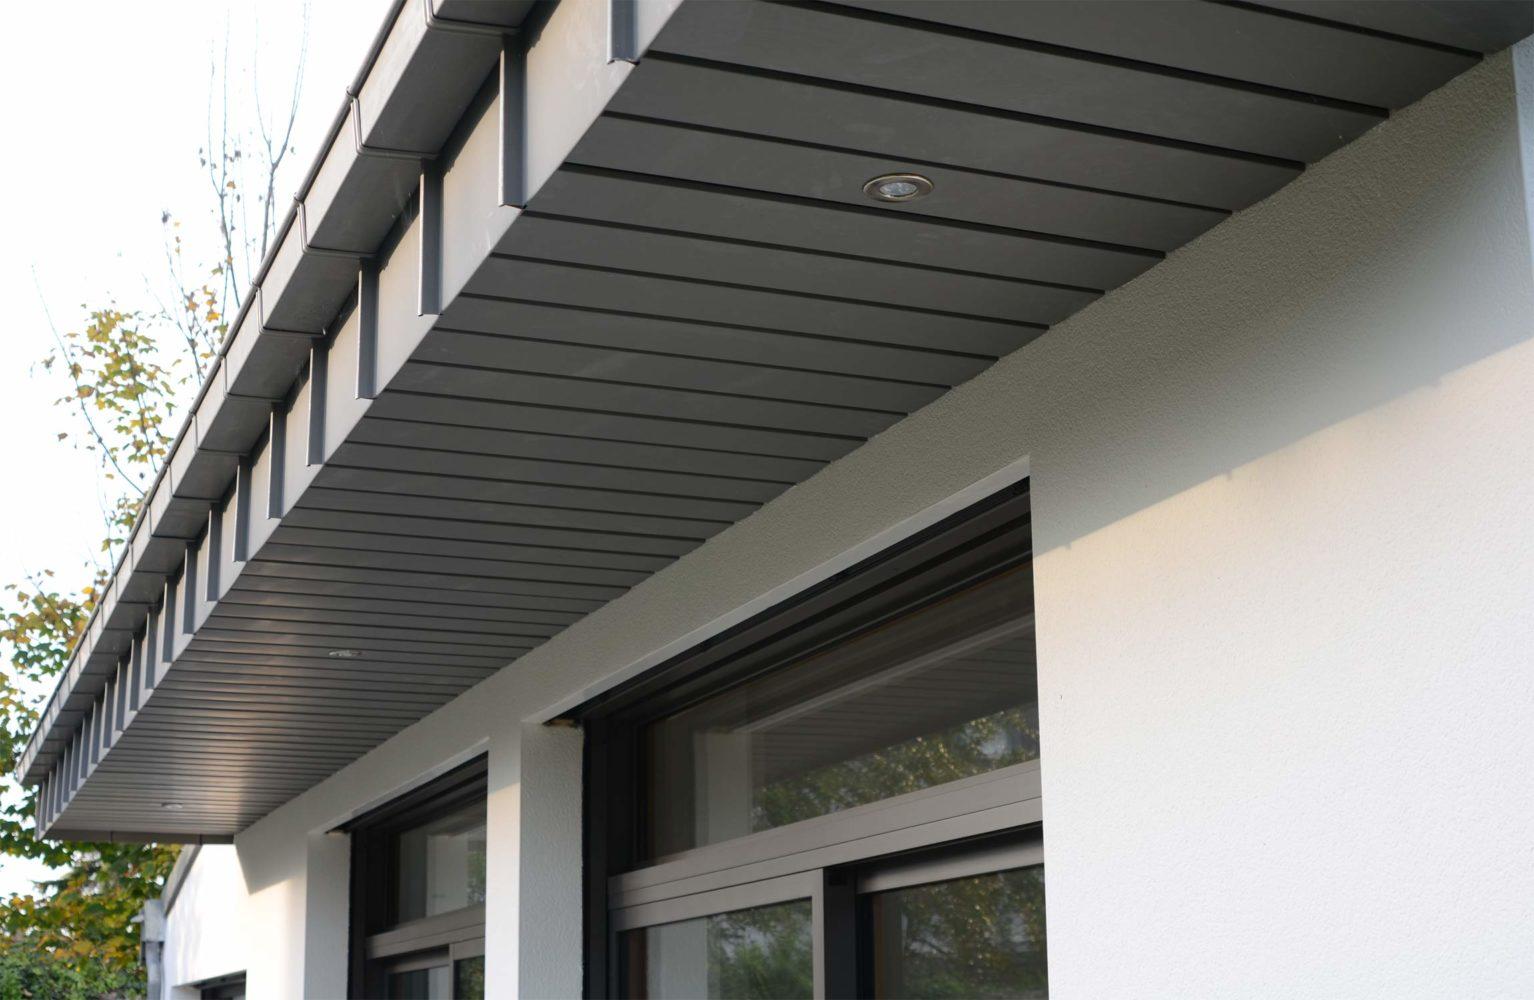 Rénovation-Vannes-Gwénael-LE-PORT-architecte-5-extérieur